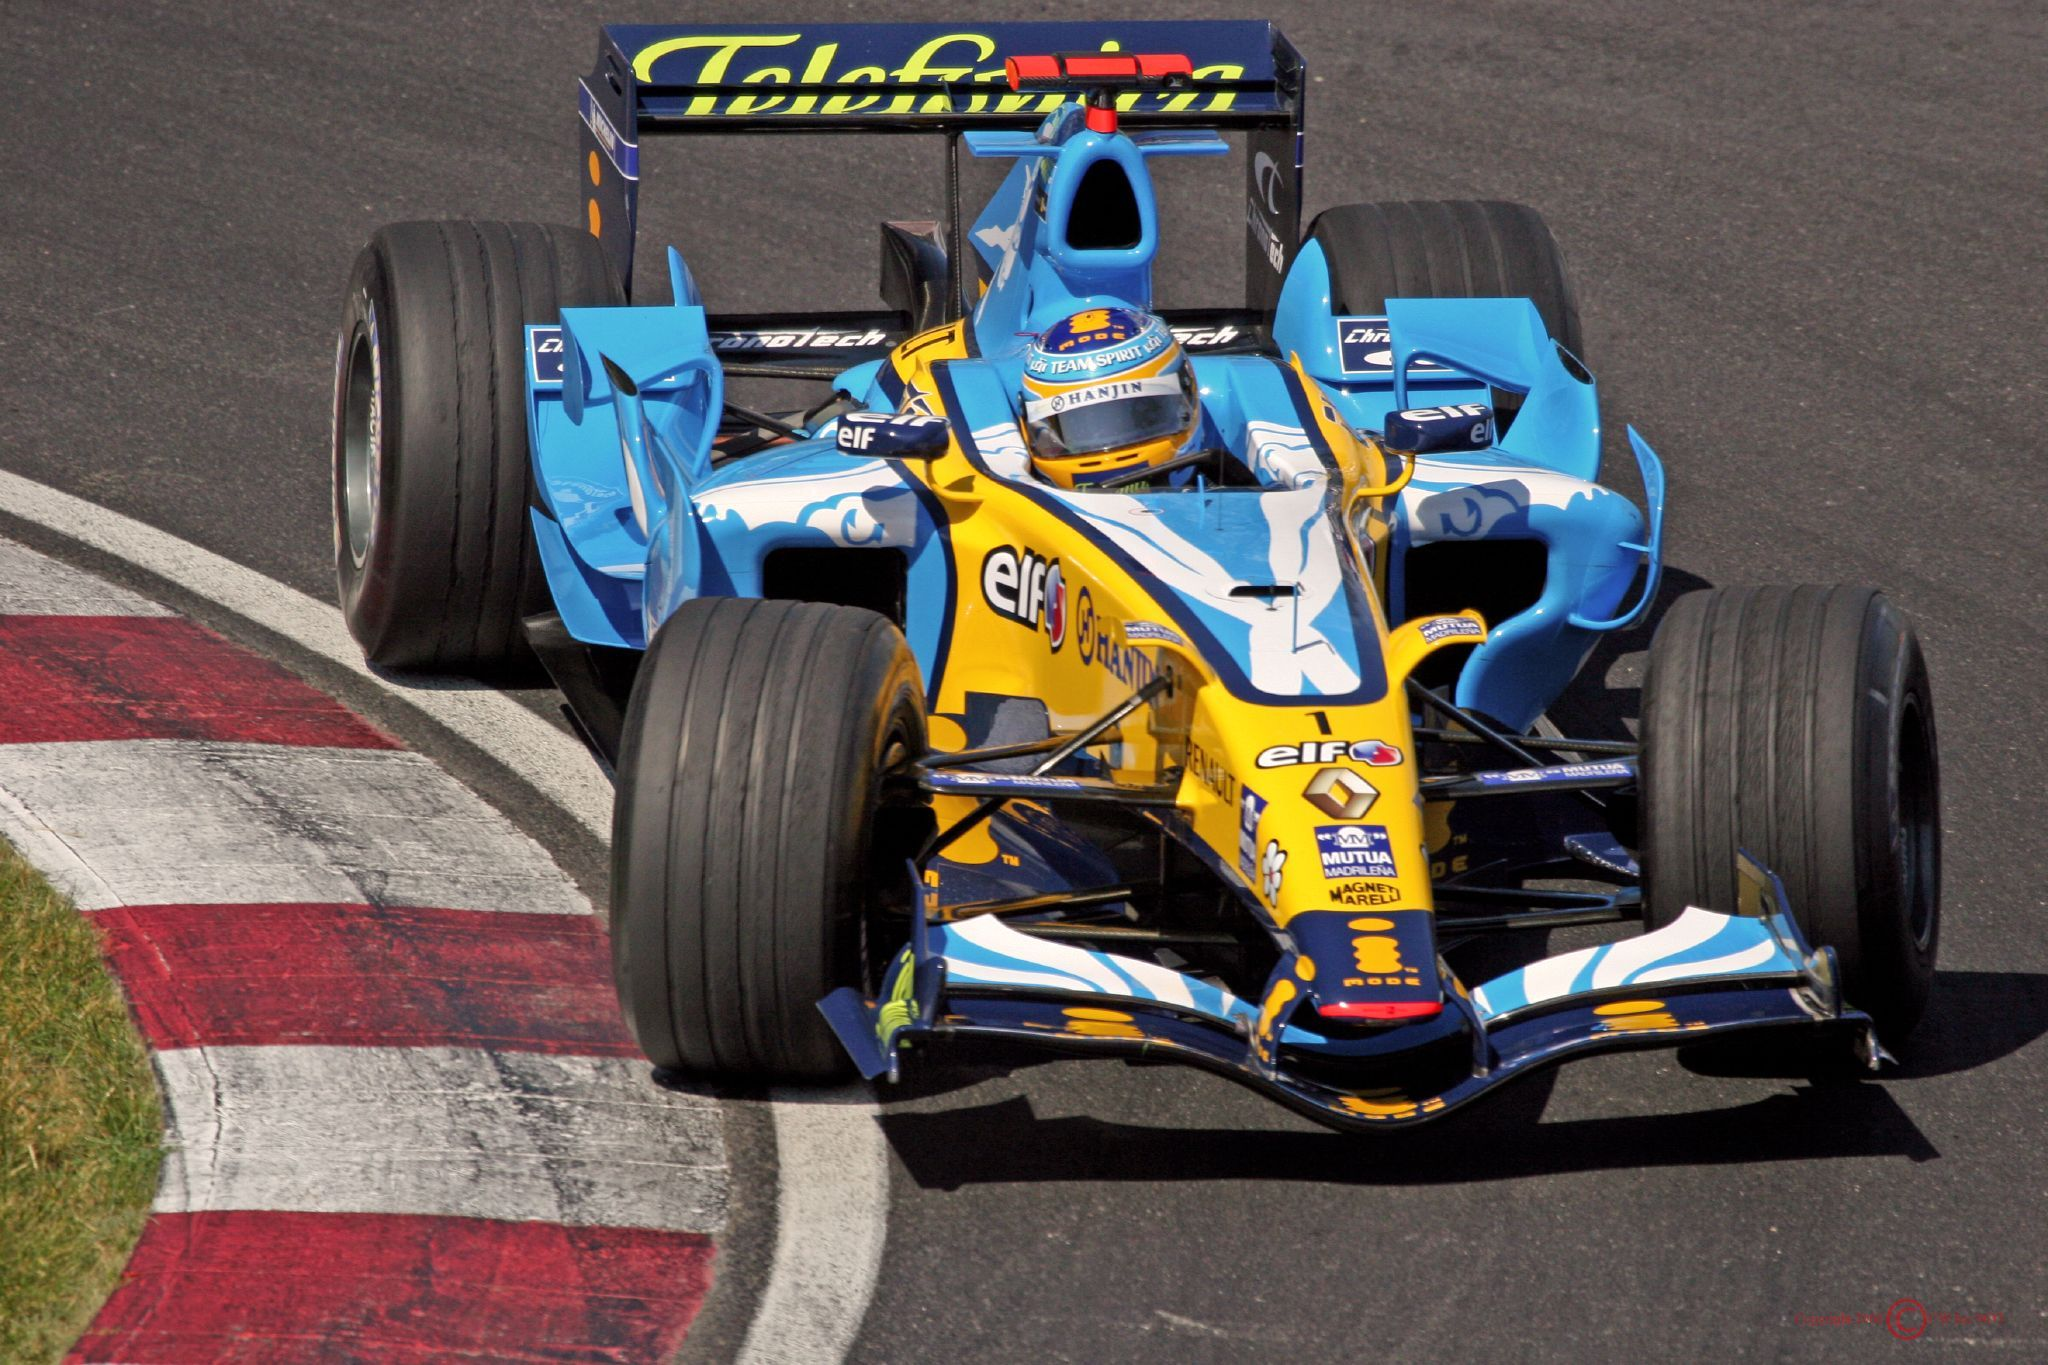 Formel 1 2006